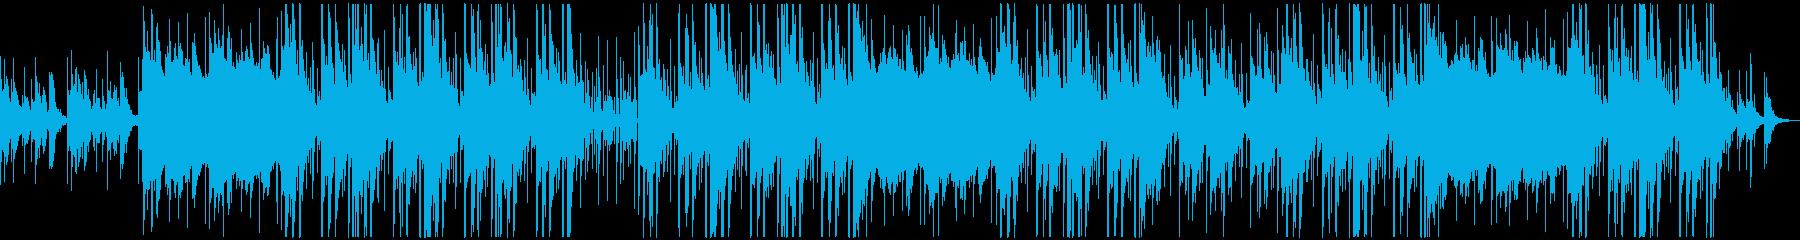 切ない 暗い ハードトラップの再生済みの波形